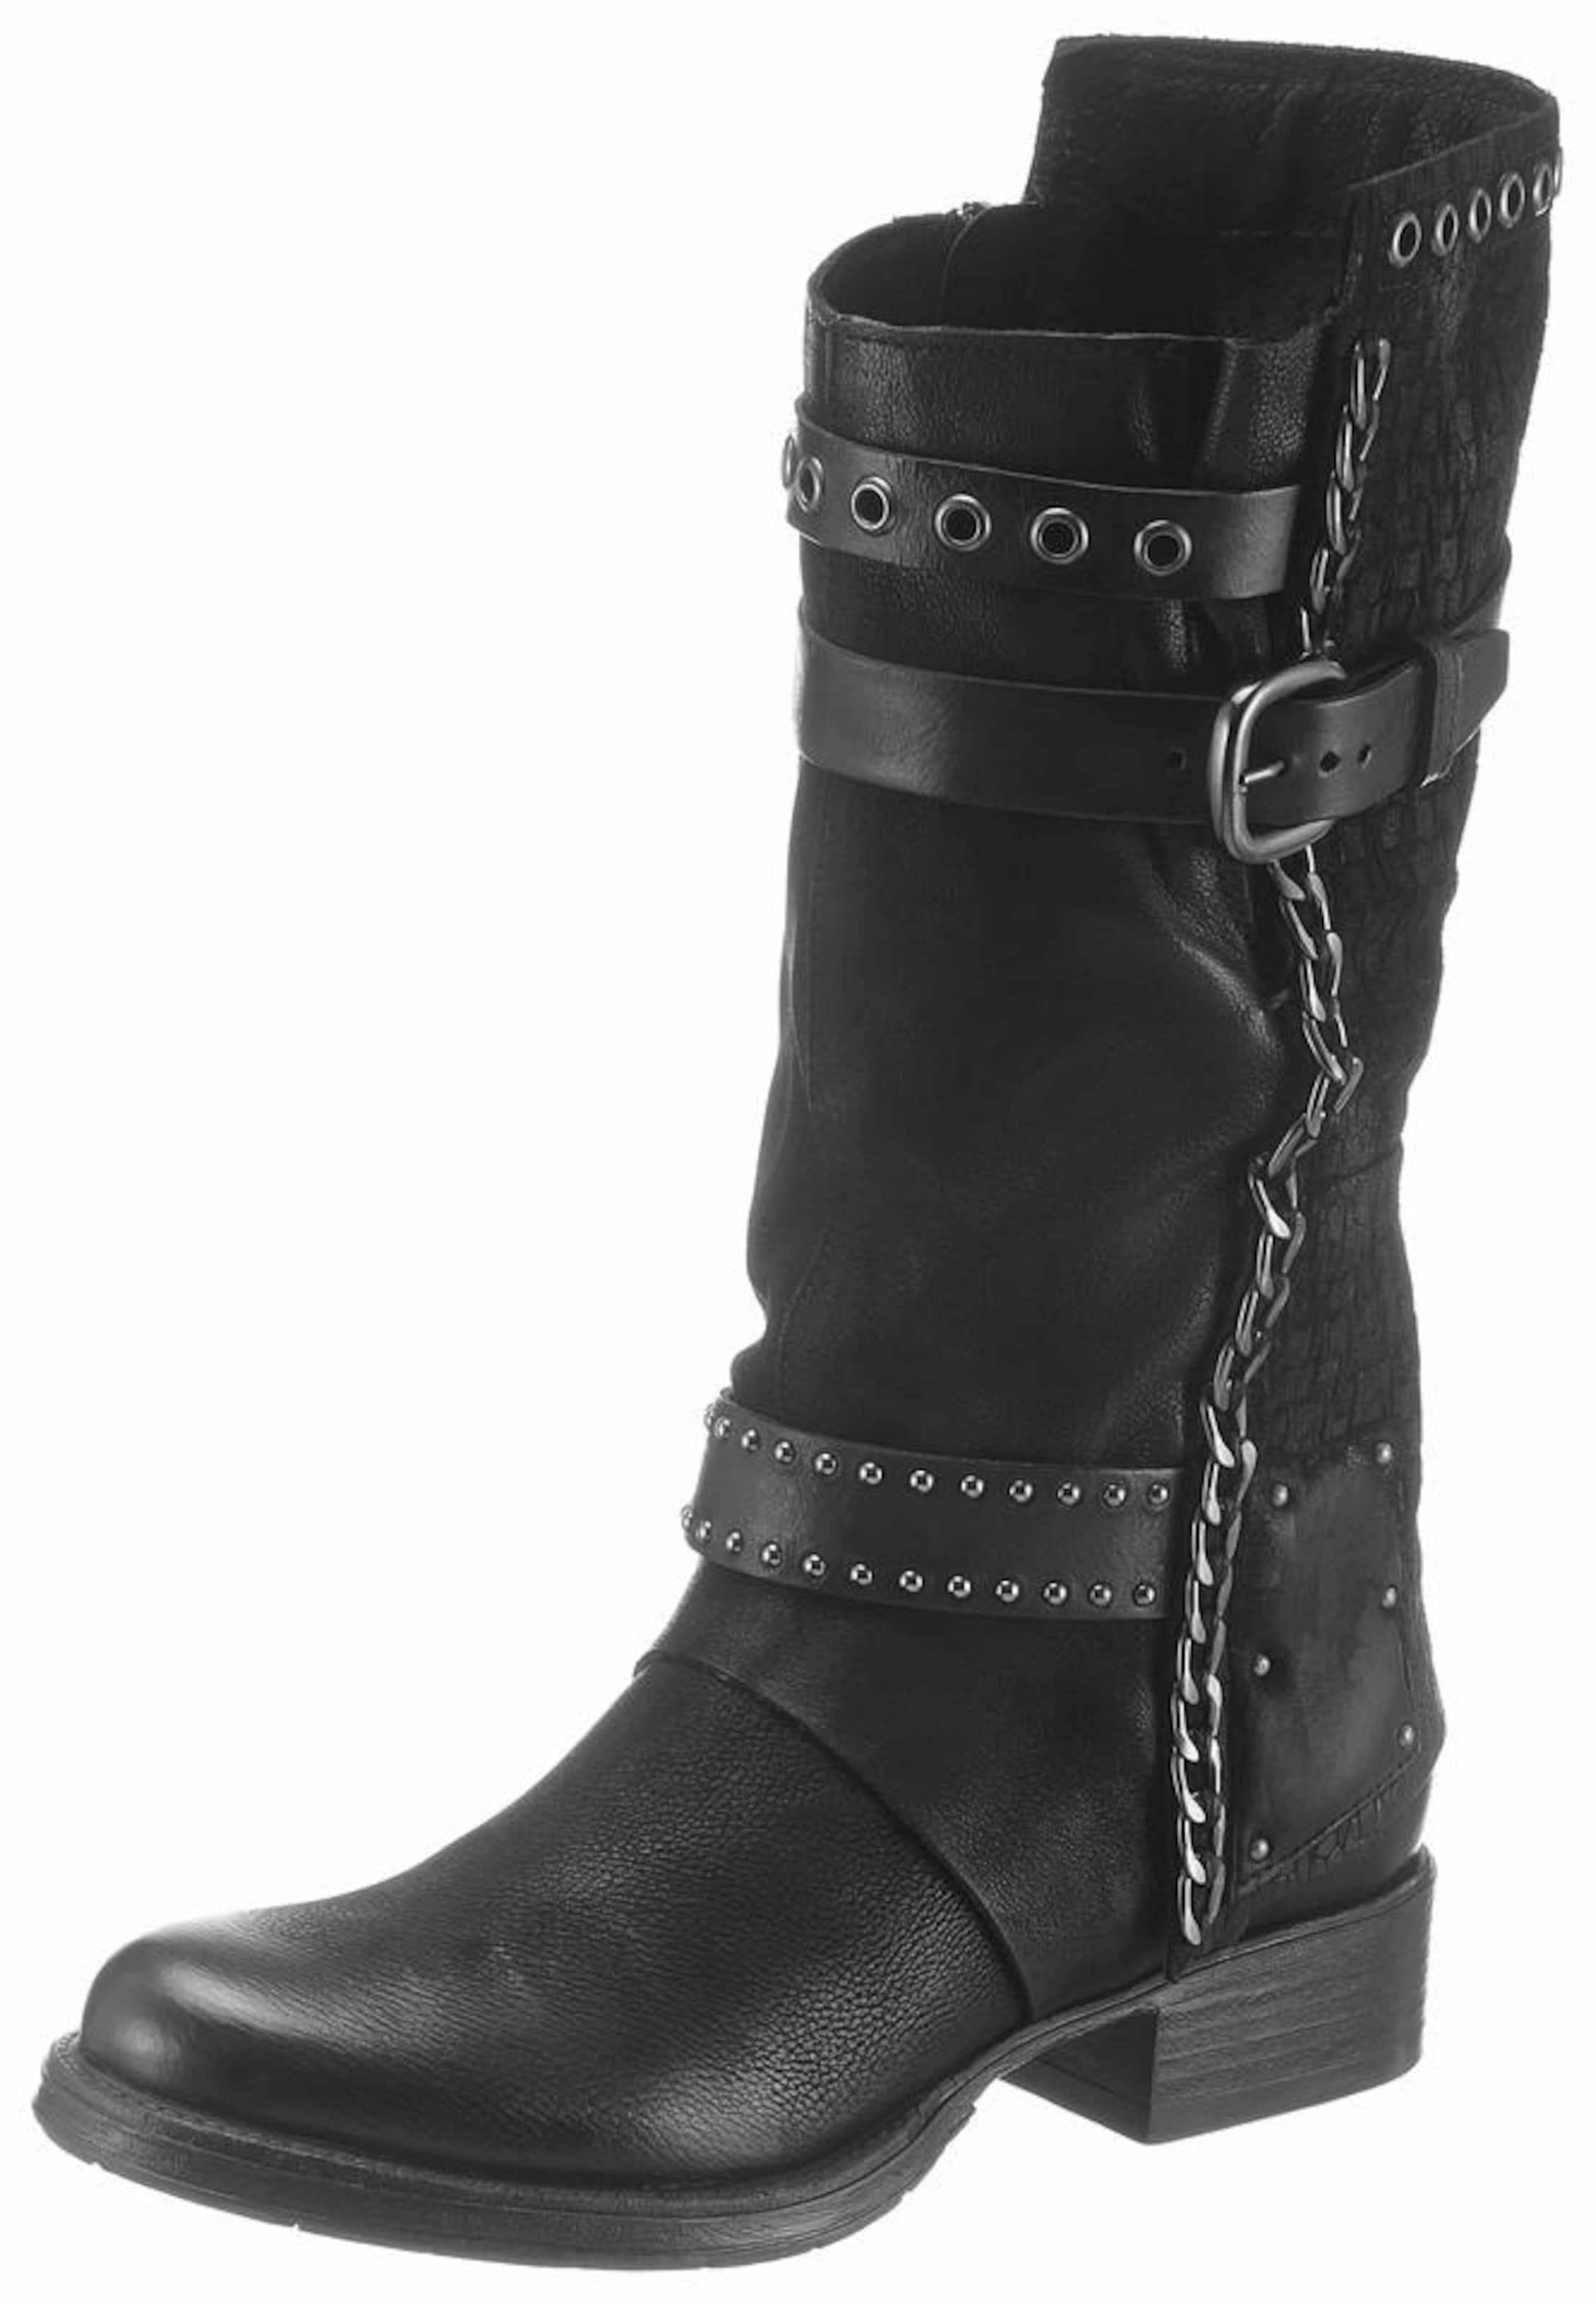 ARIZONA Stiefel Verschleißfeste billige Schuhe Hohe Qualität